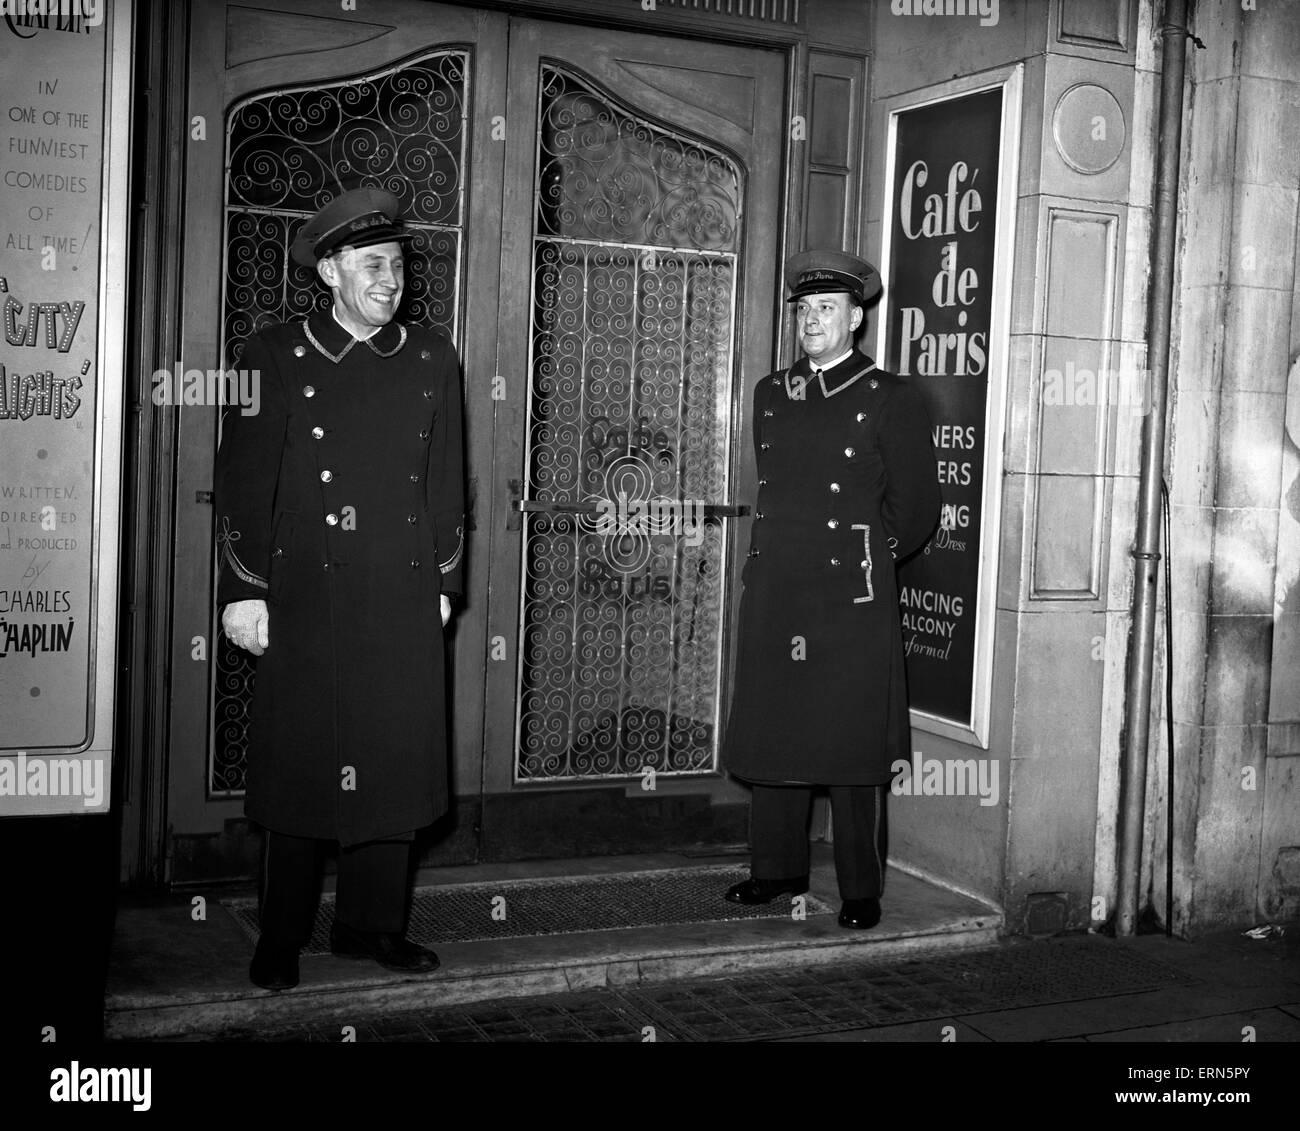 Entrance to Cafe de Paris, 16th November 1950. - Stock Image